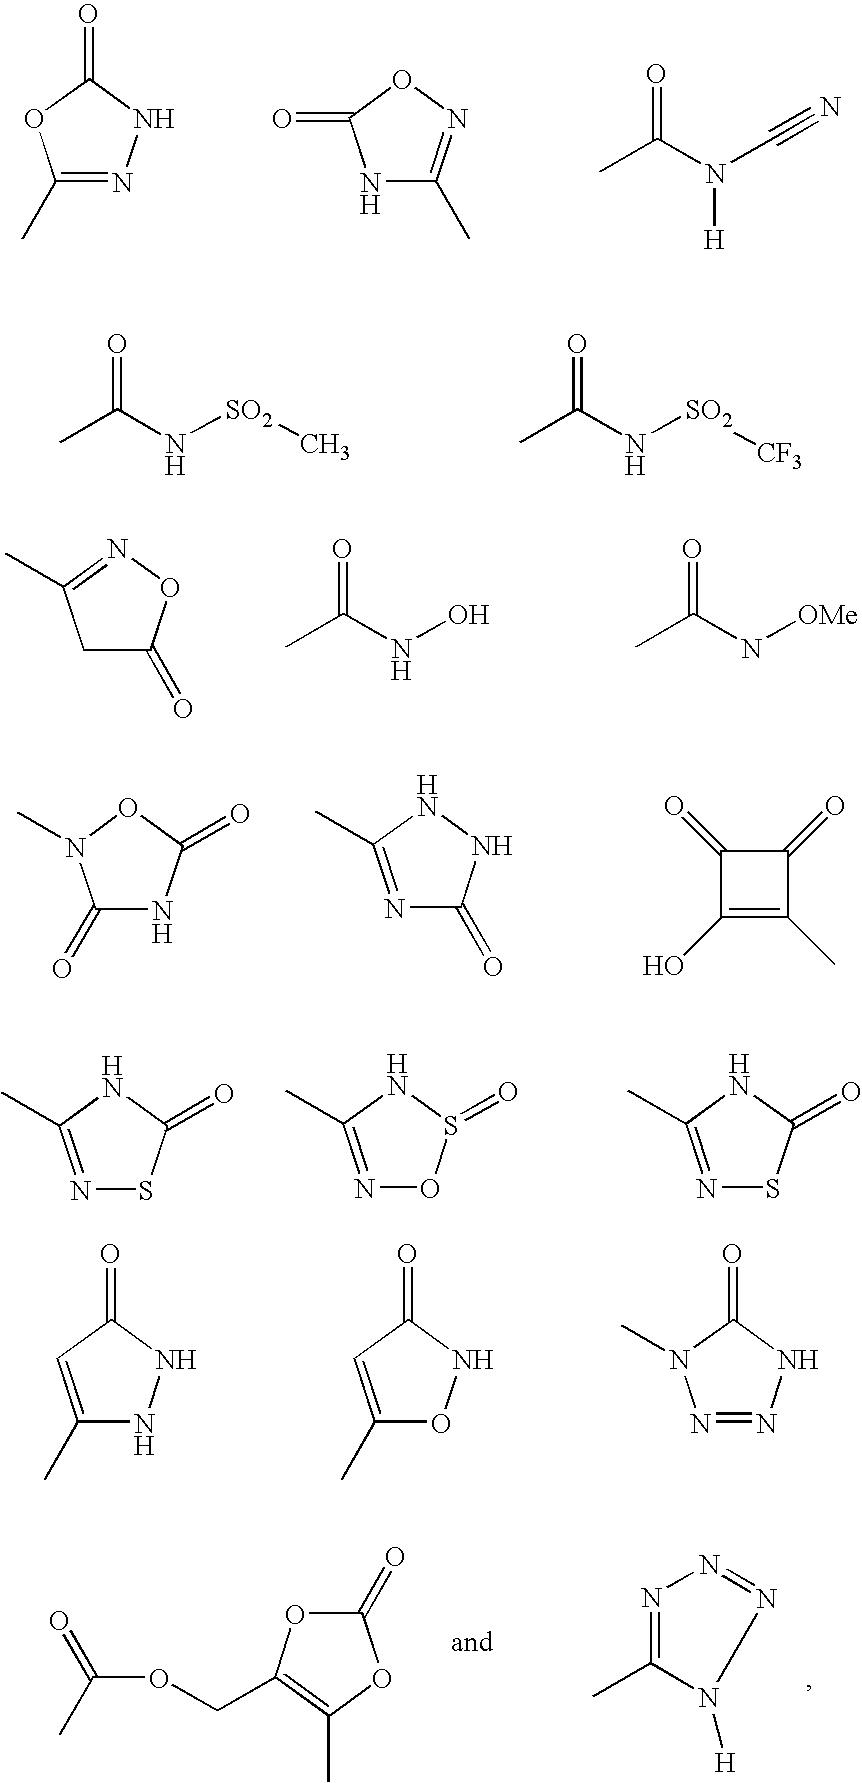 Figure US20050009827A1-20050113-C00005